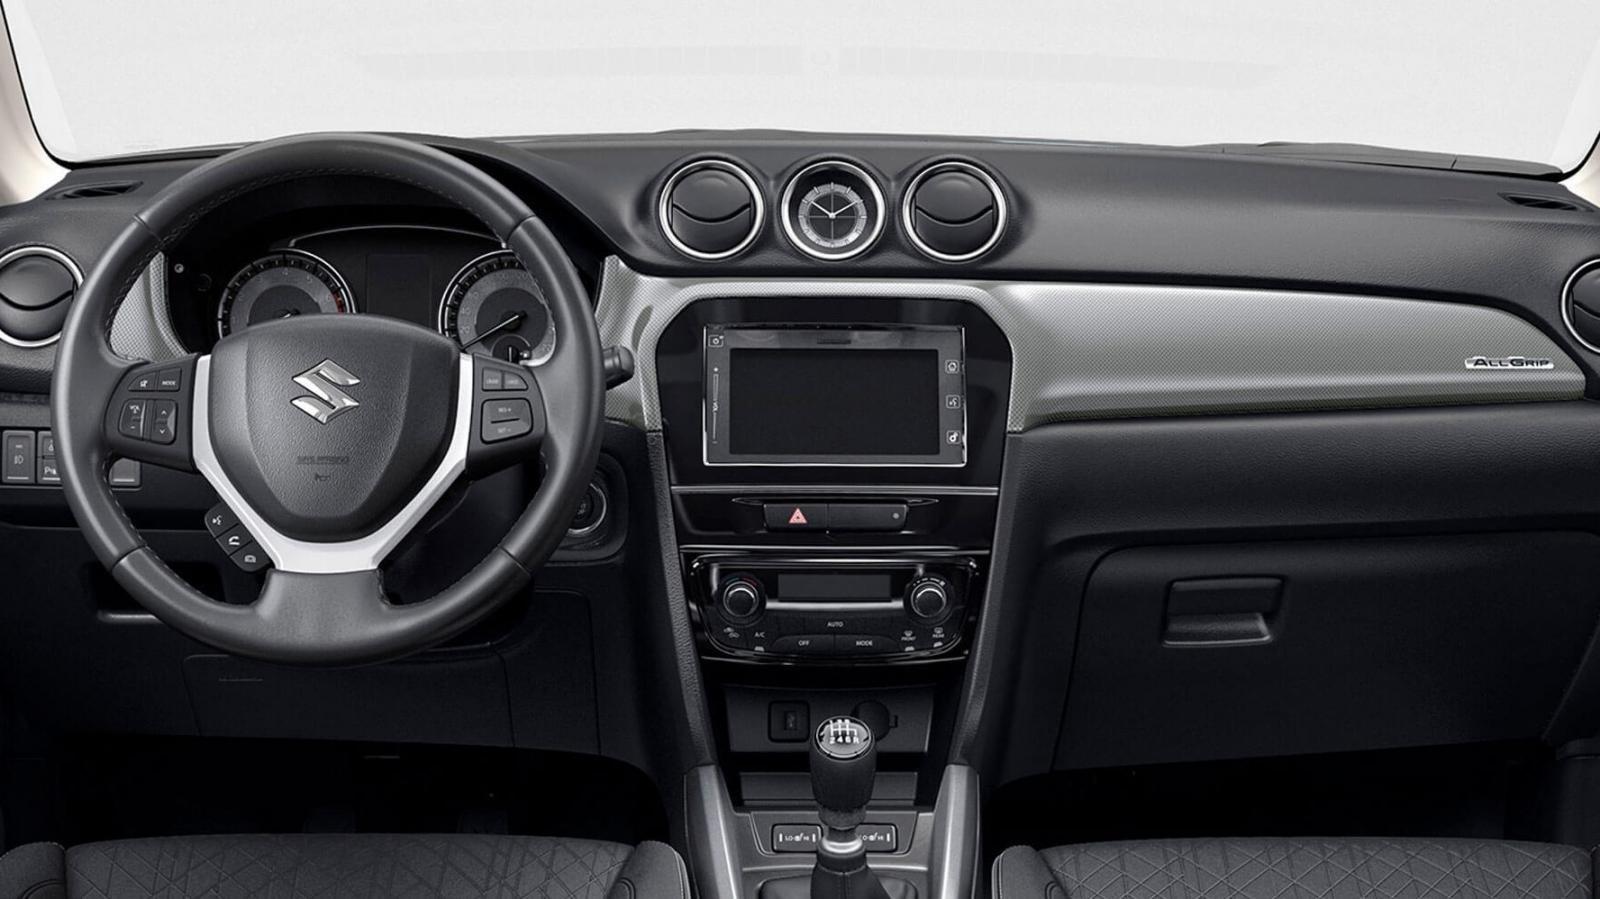 La cabina Suzuki Vitara precio mexico tiene como objetivo la funcionalidad para el día a día